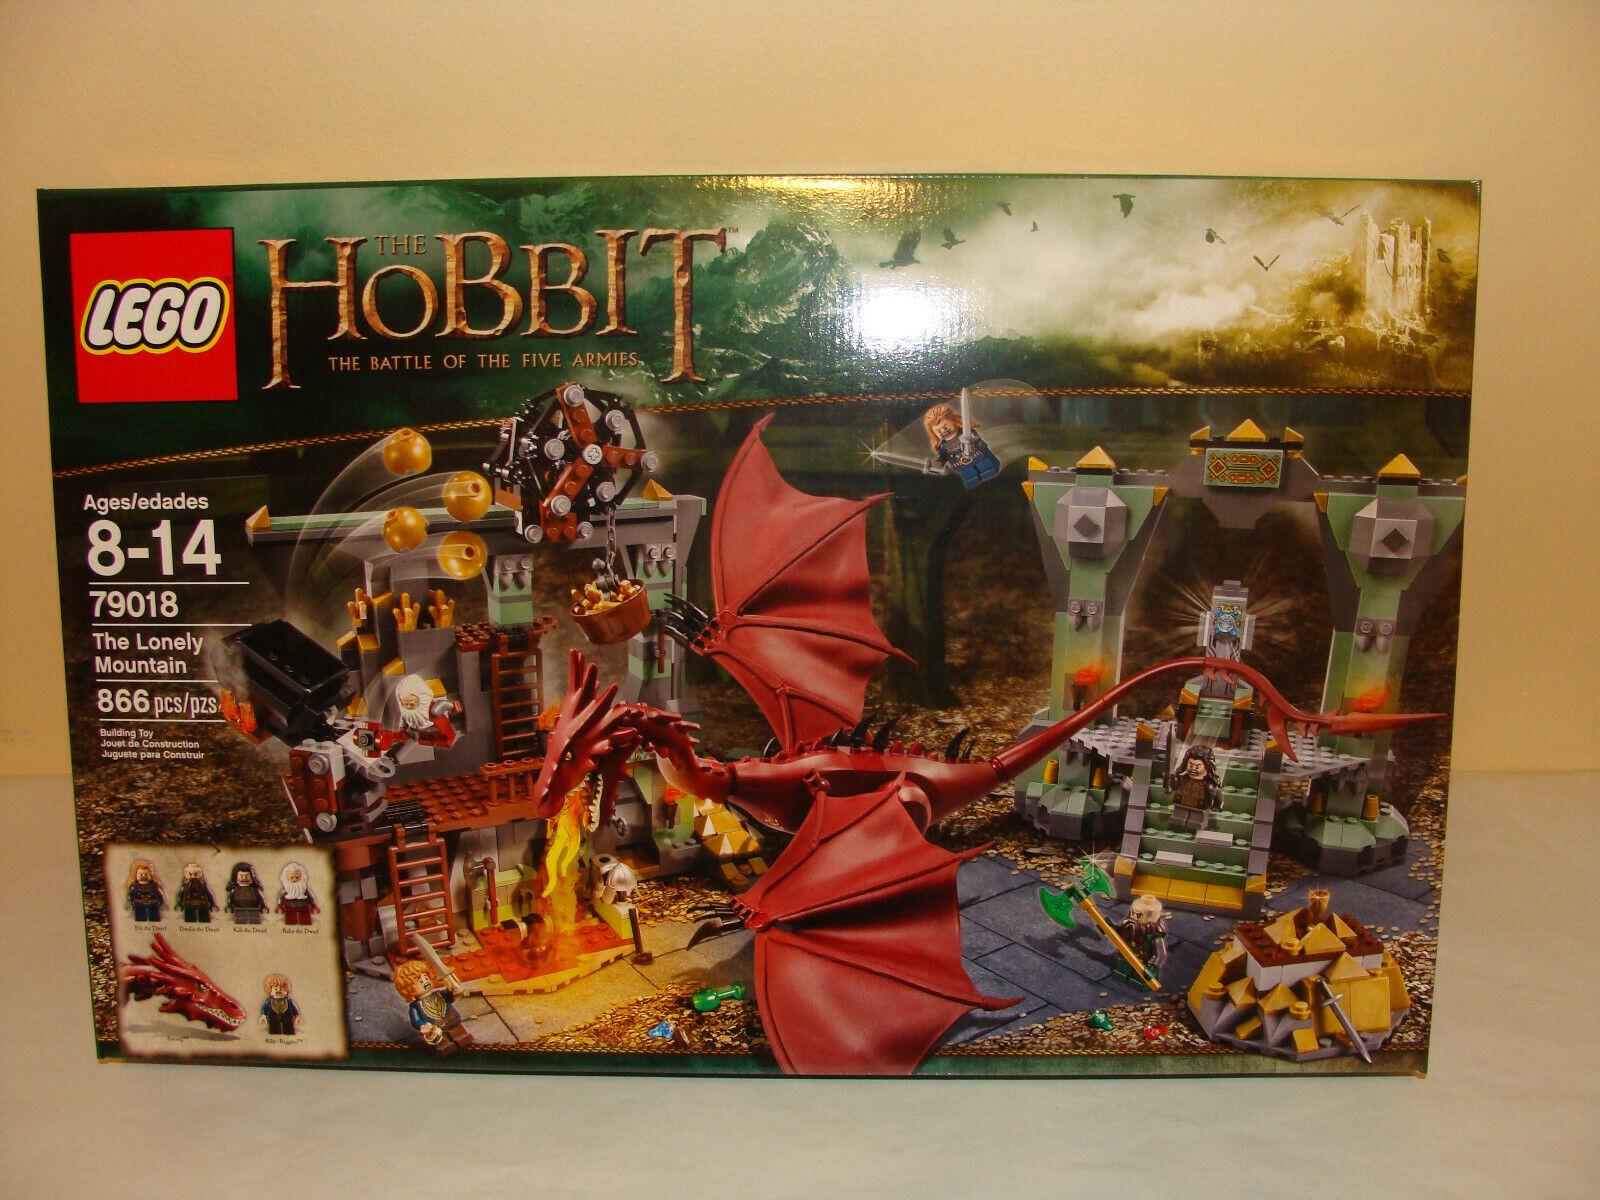 Lego 79018 HOBBIT Montagne Solitaire Ensemble 866  pièces retraité boîte scellée  prix ultra bas